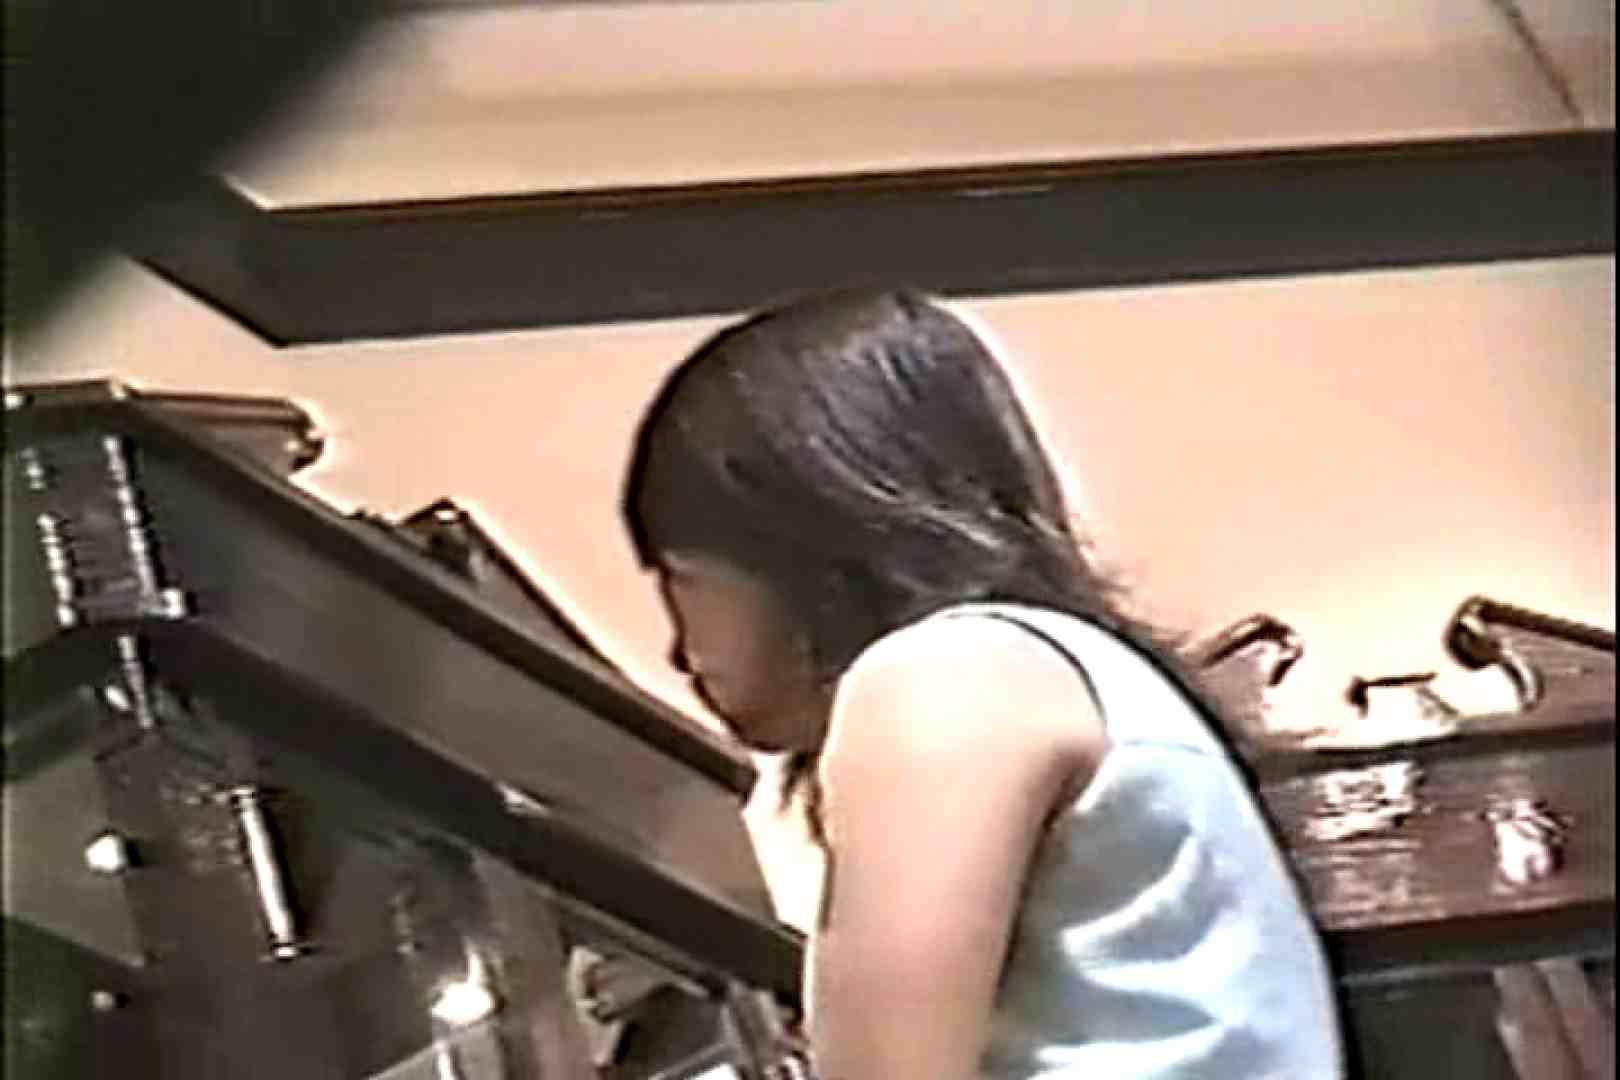 「ちくりん」さんのオリジナル未編集パンチラVol.6_02 新入生パンチラ | チラ歓迎  71pic 13